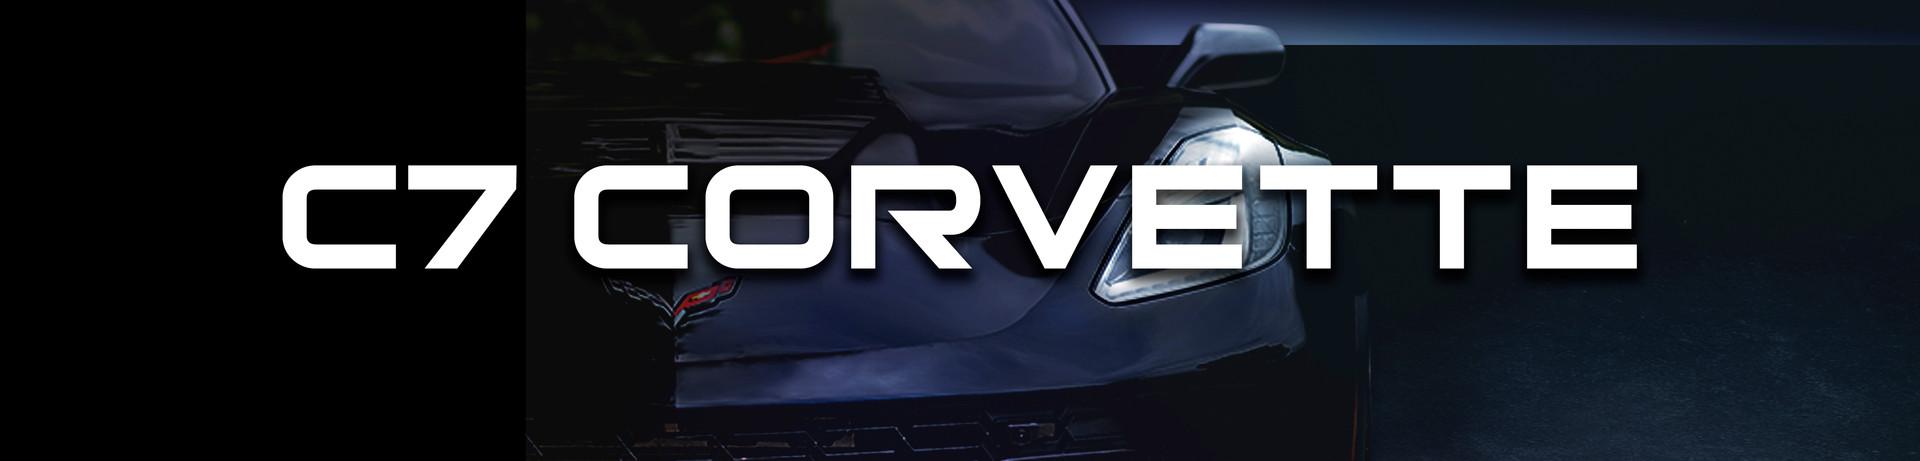 C7 Corvette Packages